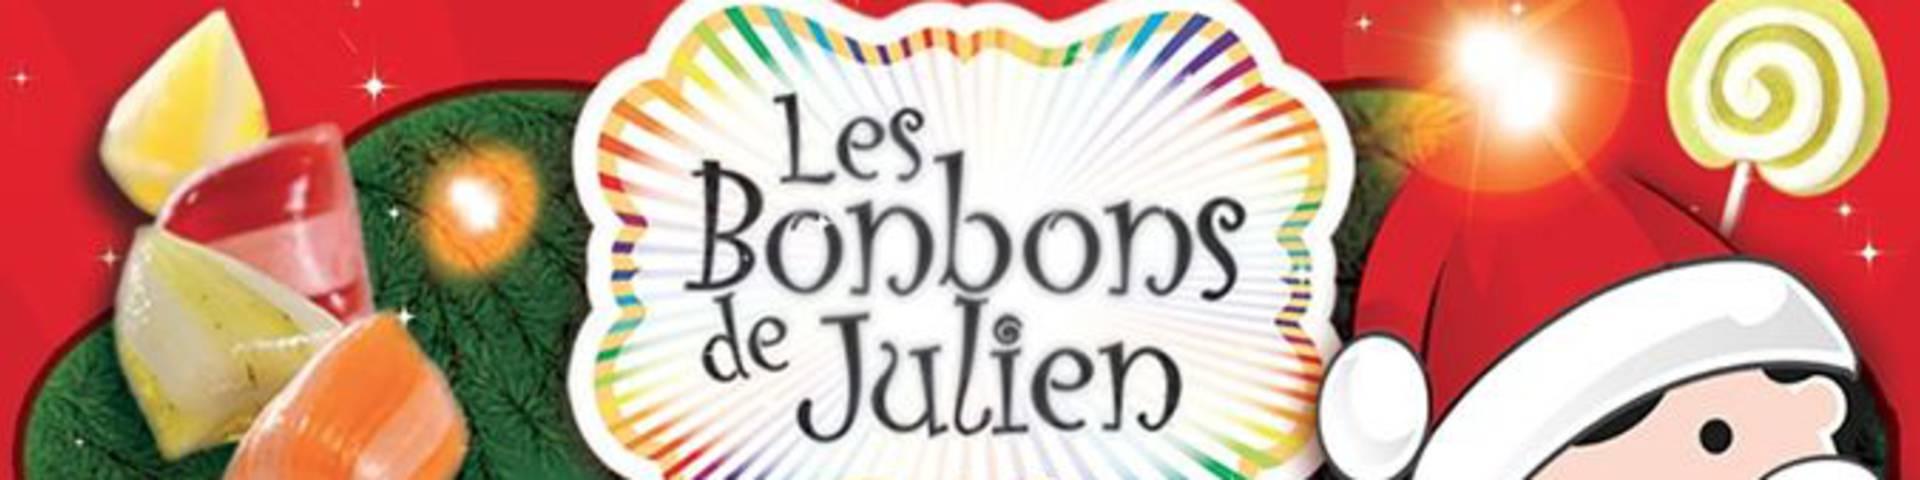 Les_Bonbons_de_Julien